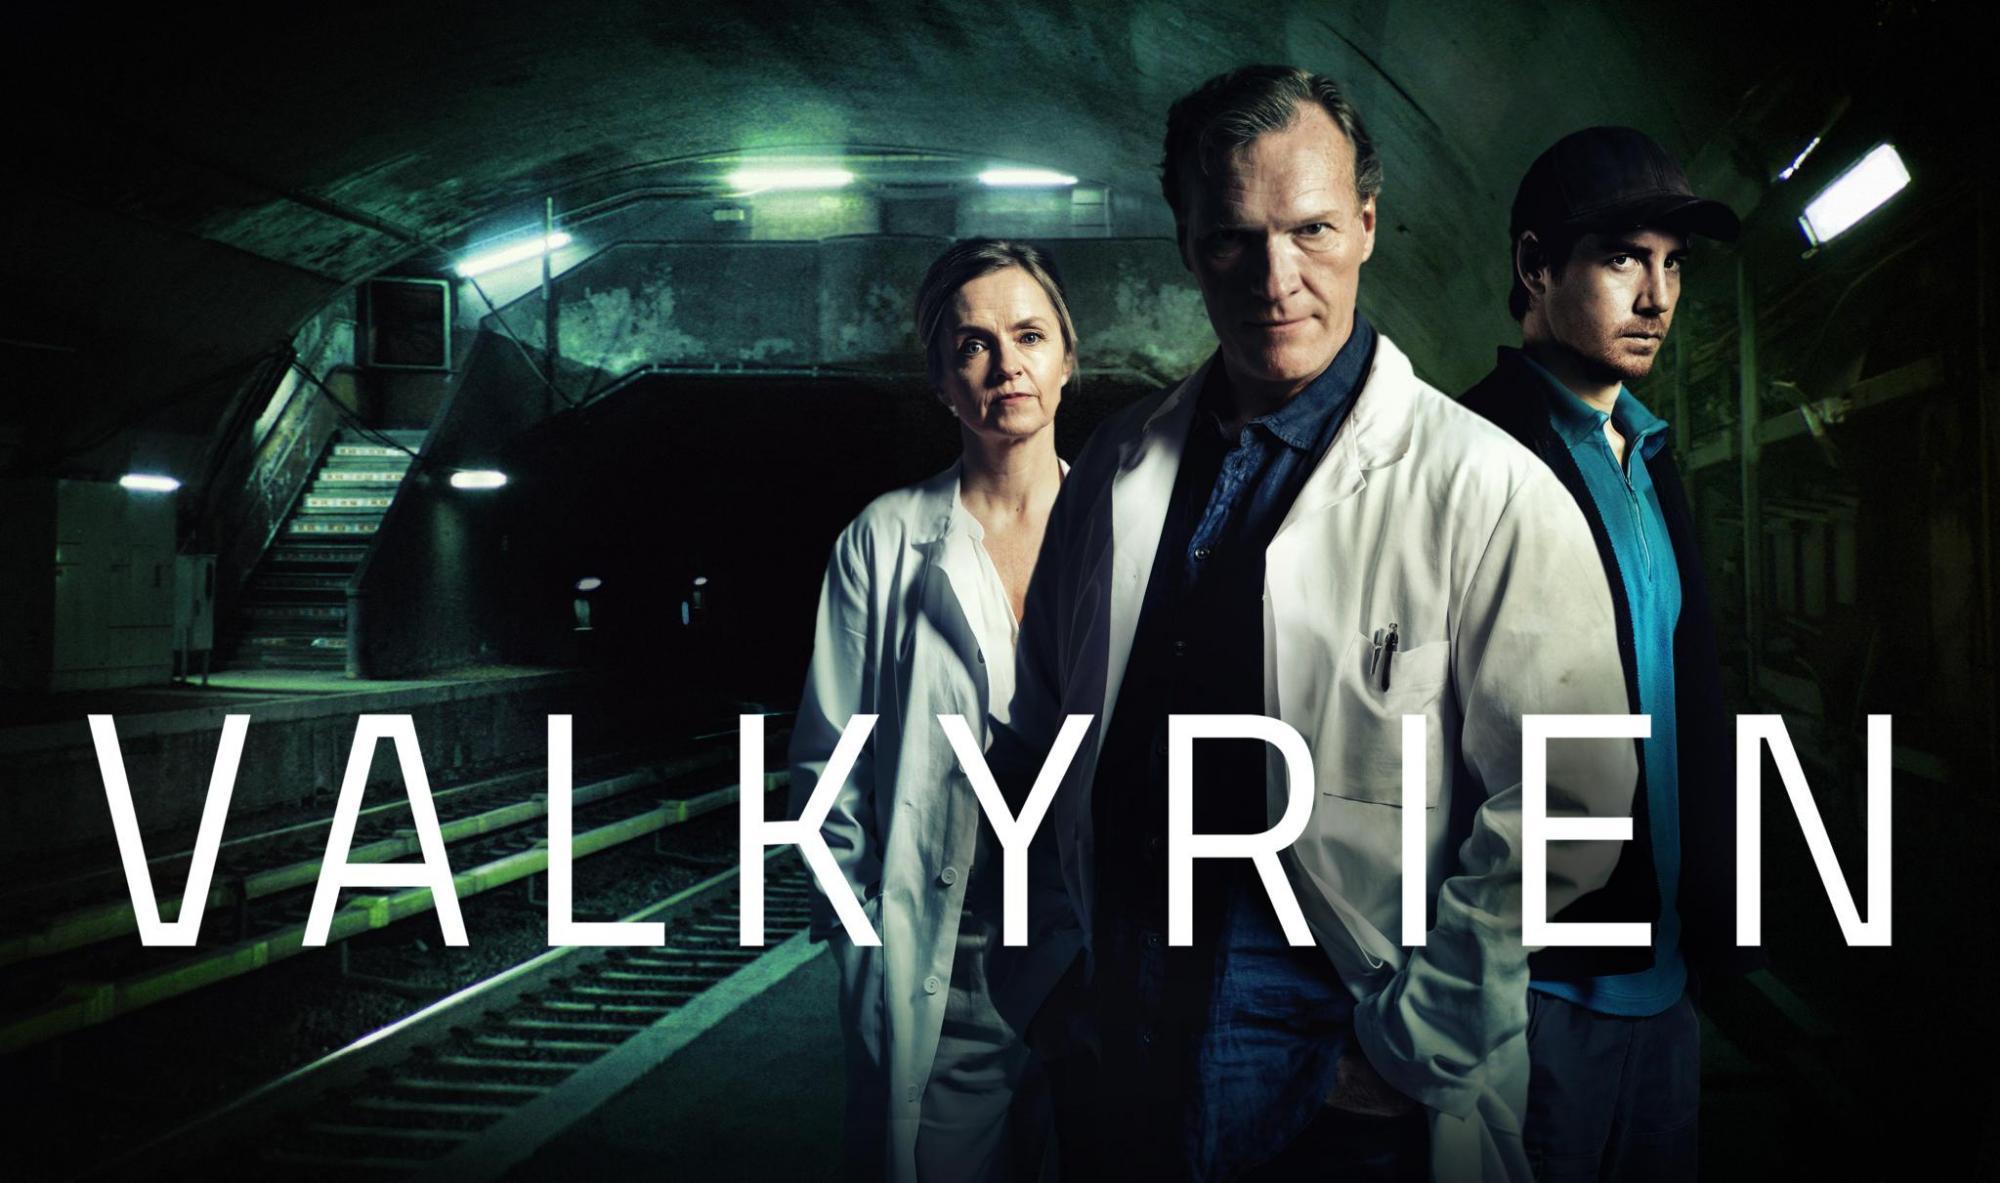 """""""Inovație, la superlativ!"""". Valkyrien, noul tău serial preferat, te așteaptă, exclusiv pe AntenaPlay"""